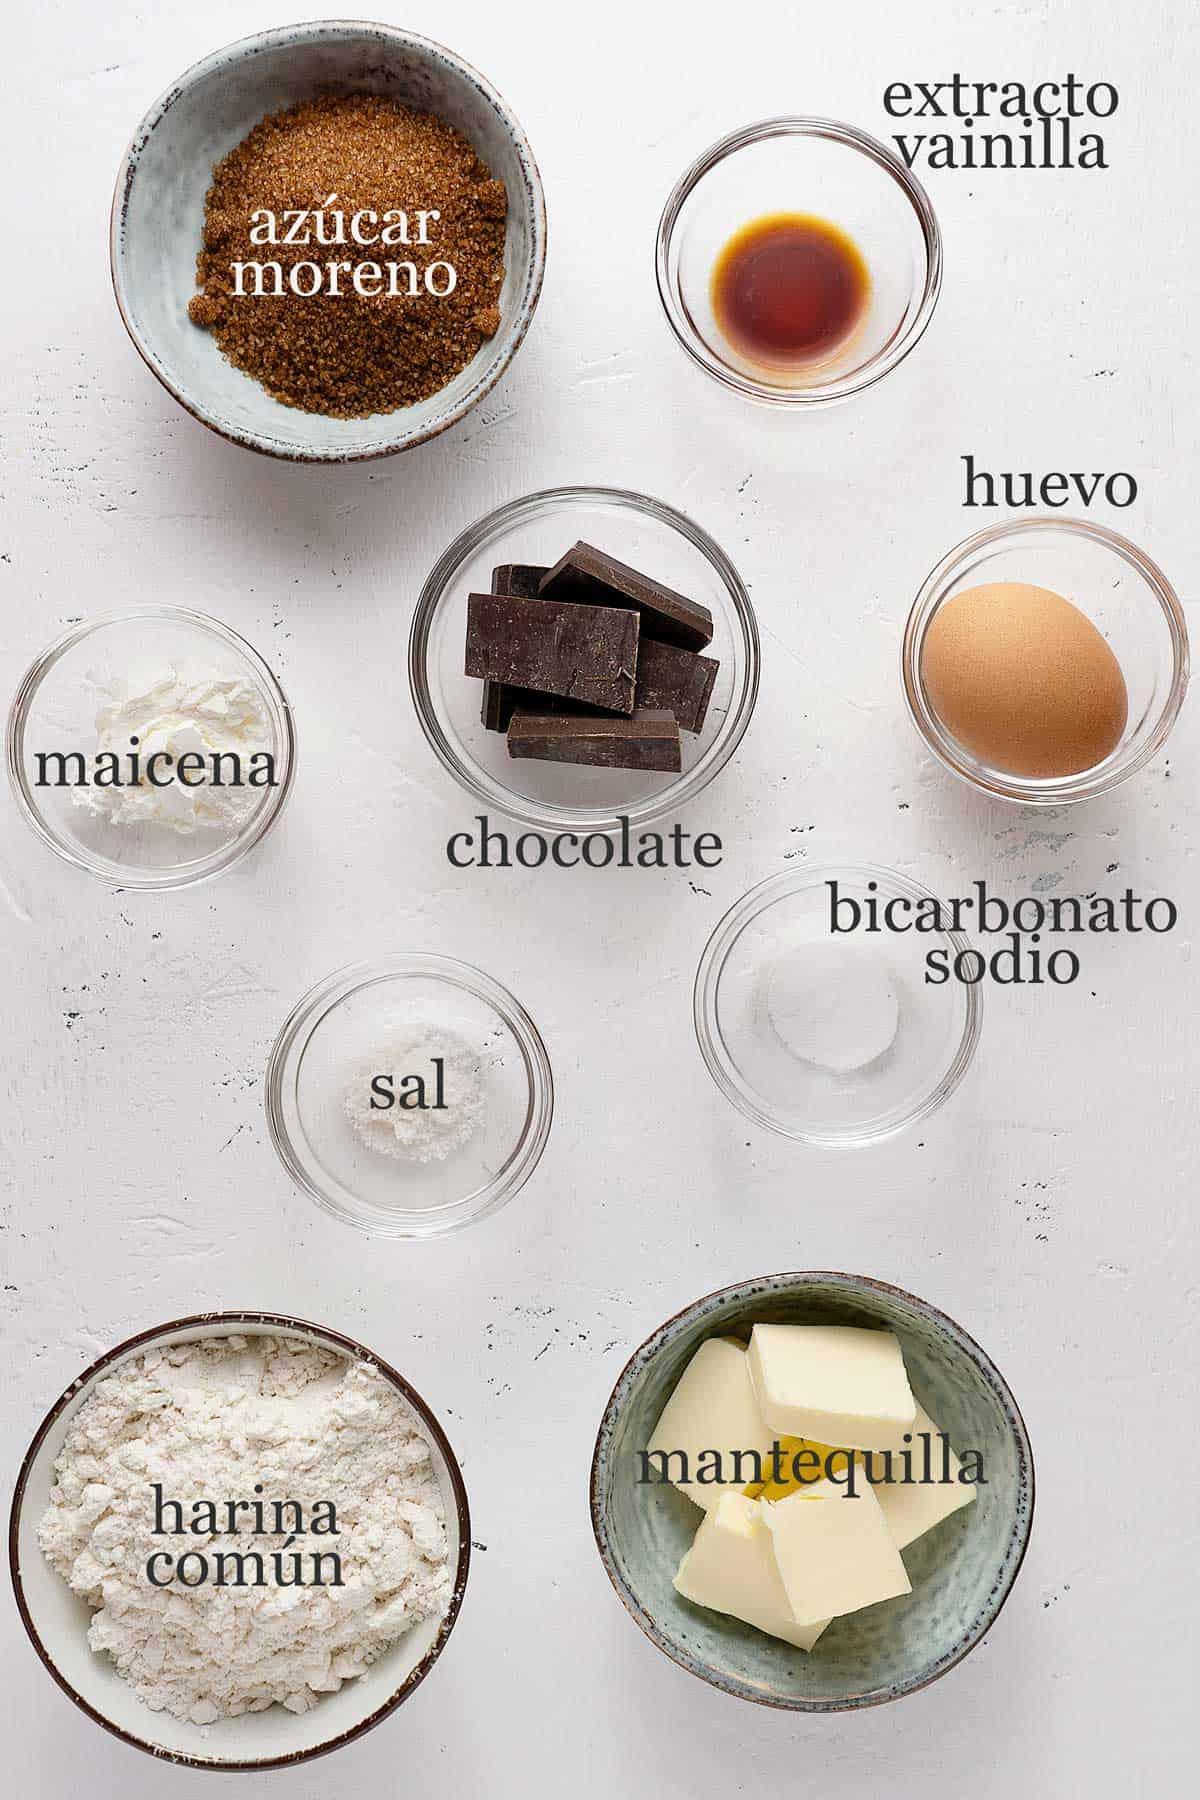 ingredientes para galletas rellenas de nutella.